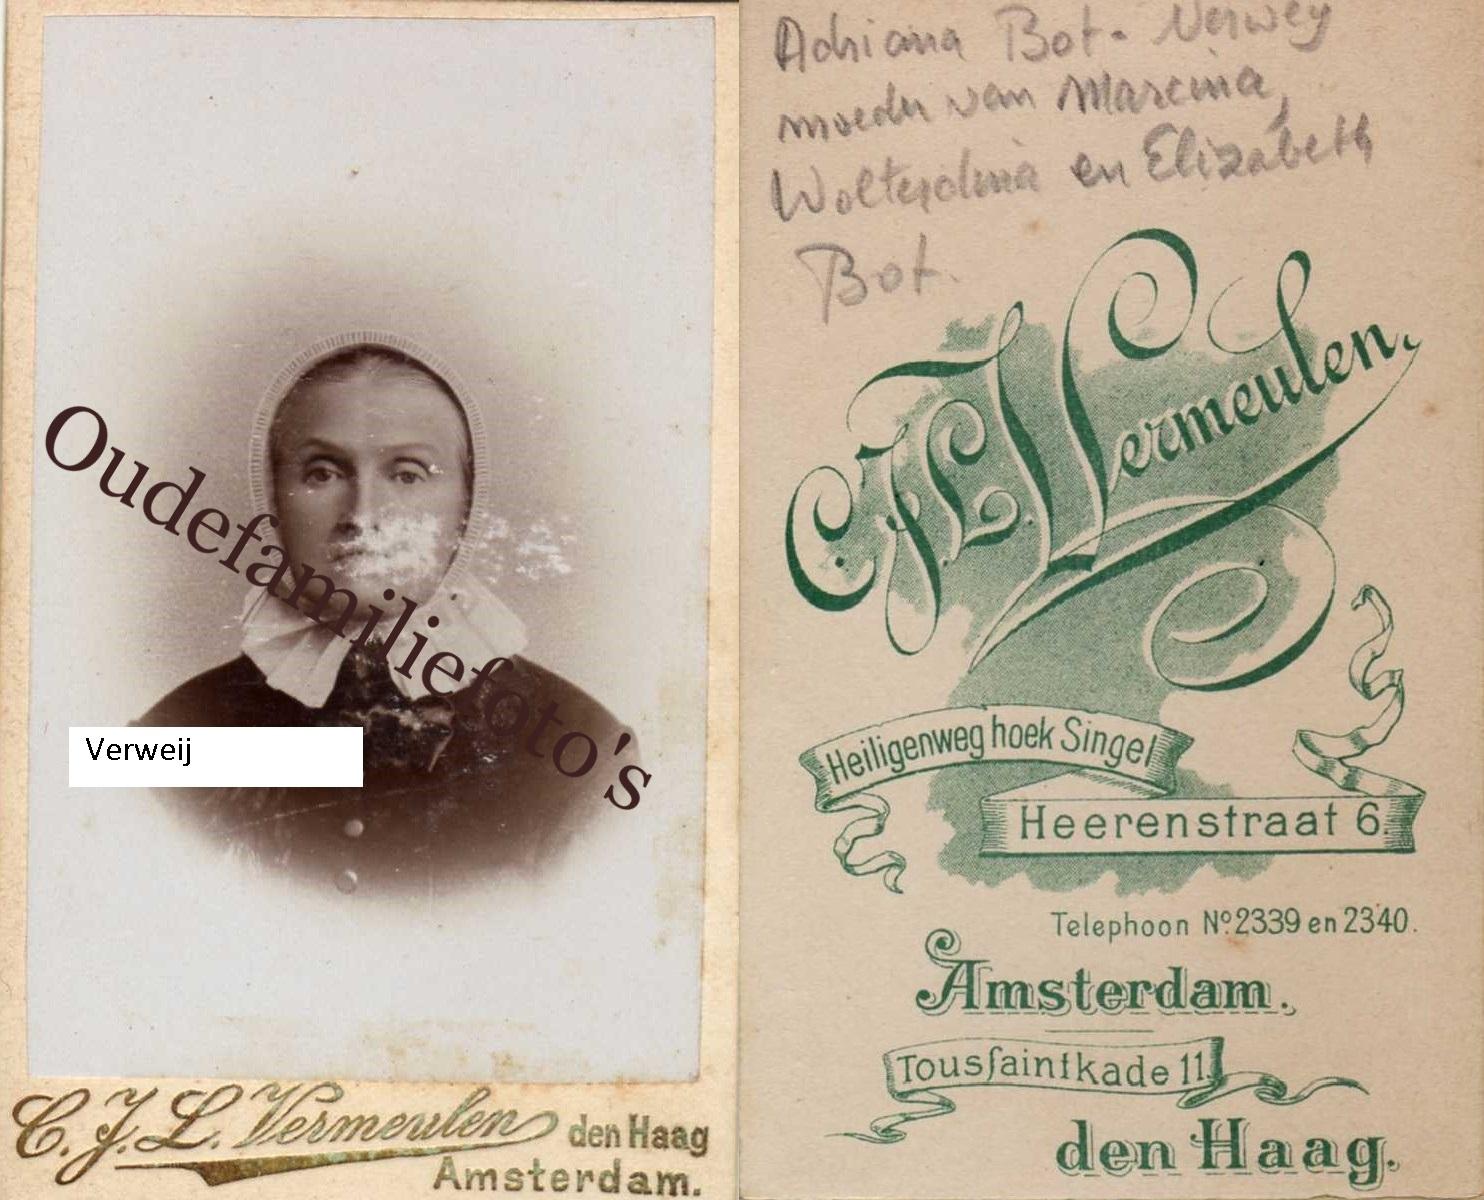 Verweij, Adriana. Geb. 30-6-1818 Geldermalsen. Getrouwd met Wolter Bot. € 1,00